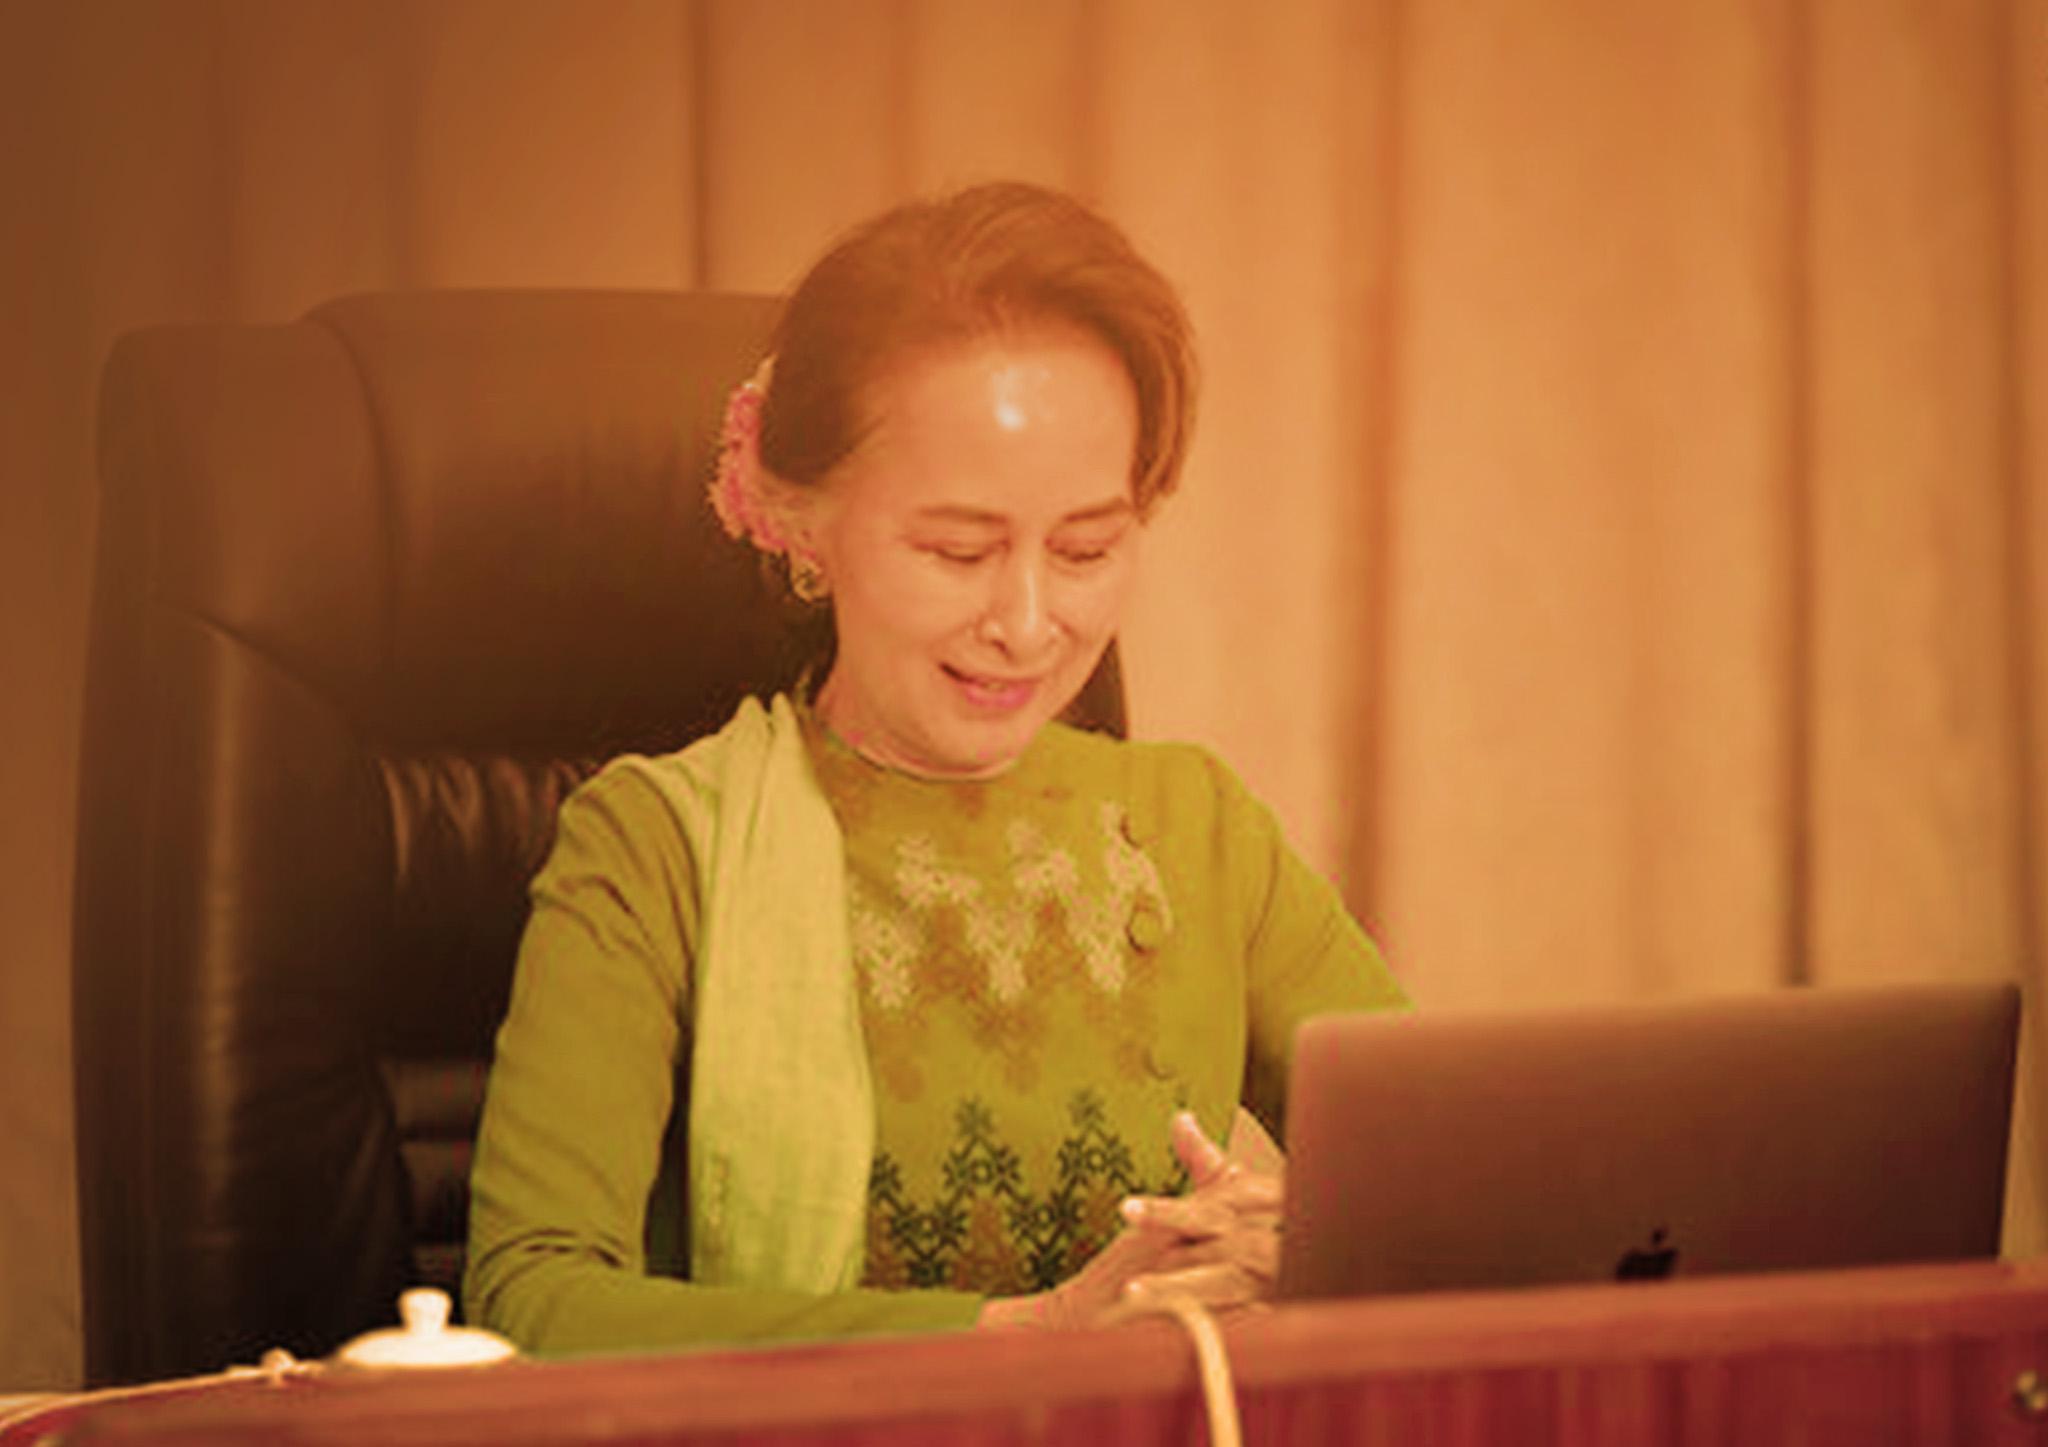 Aung San Suu Kyi, un personaggio controverso